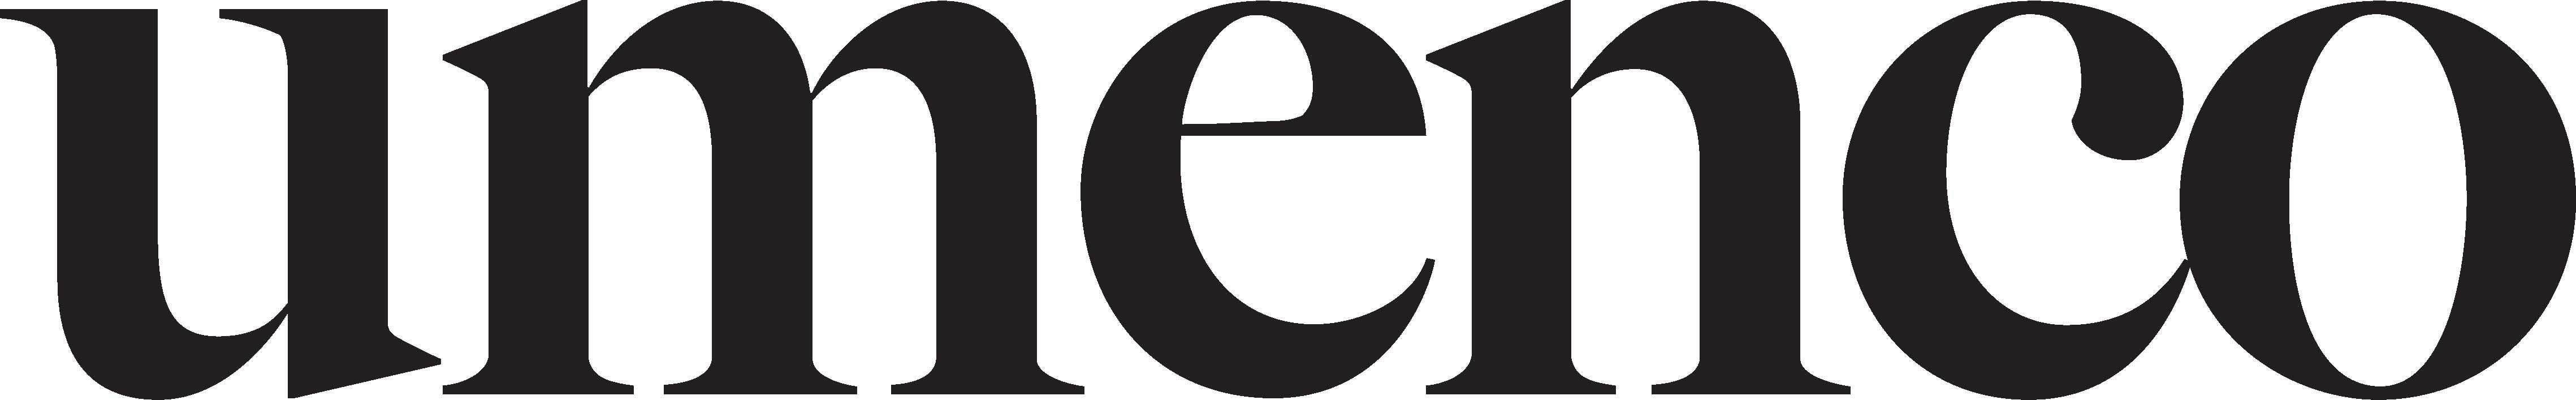 UMENCO logo black